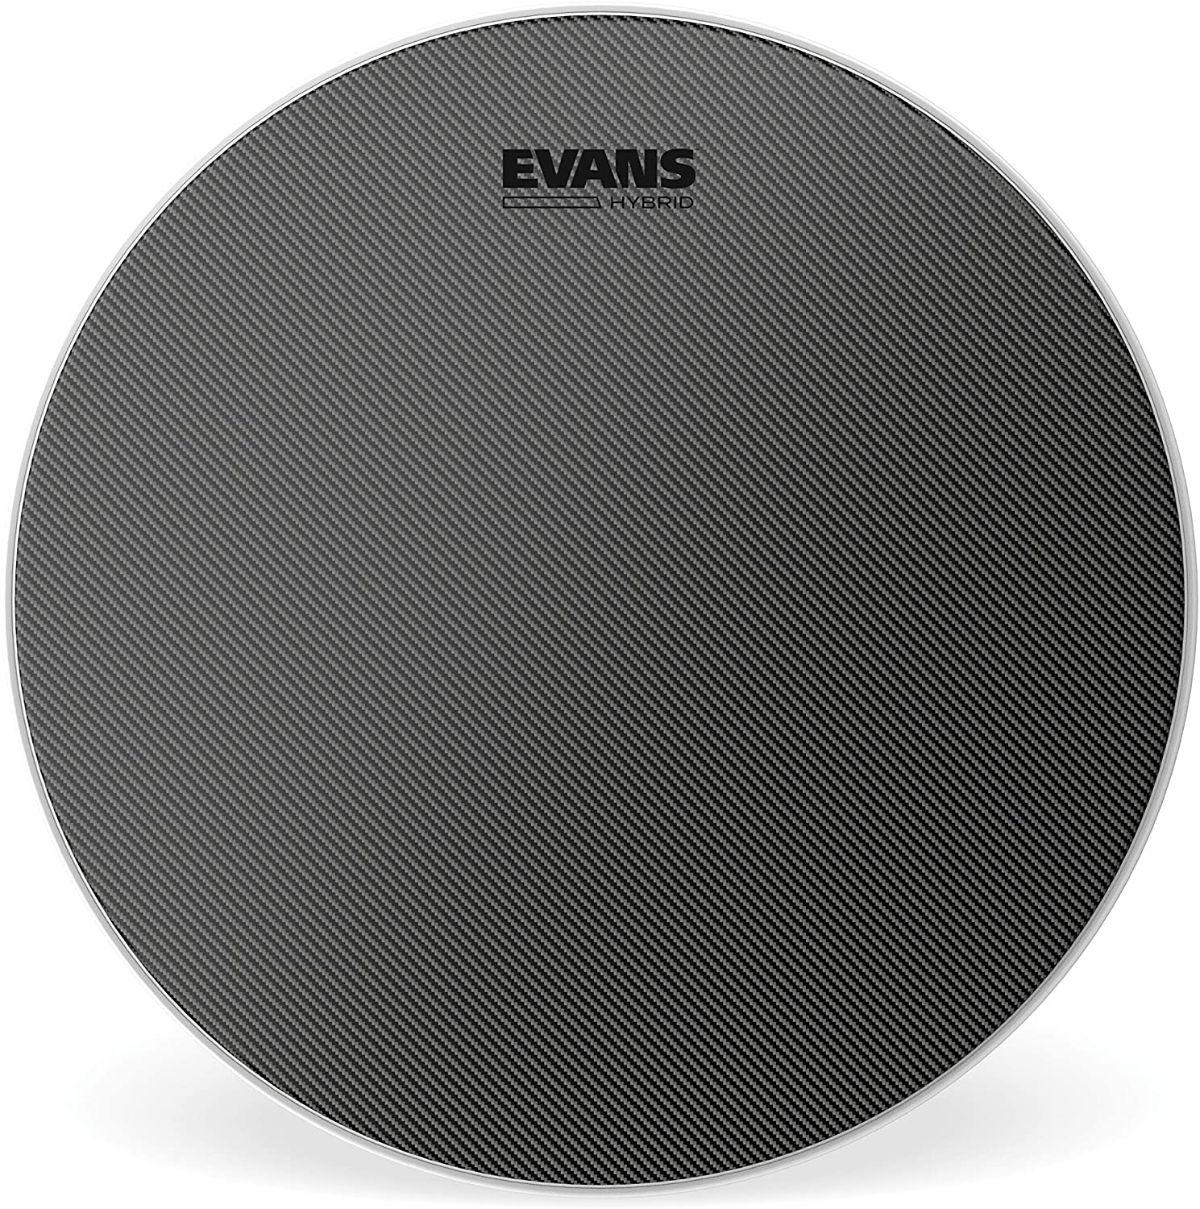 evans hybrid coated snare drum head